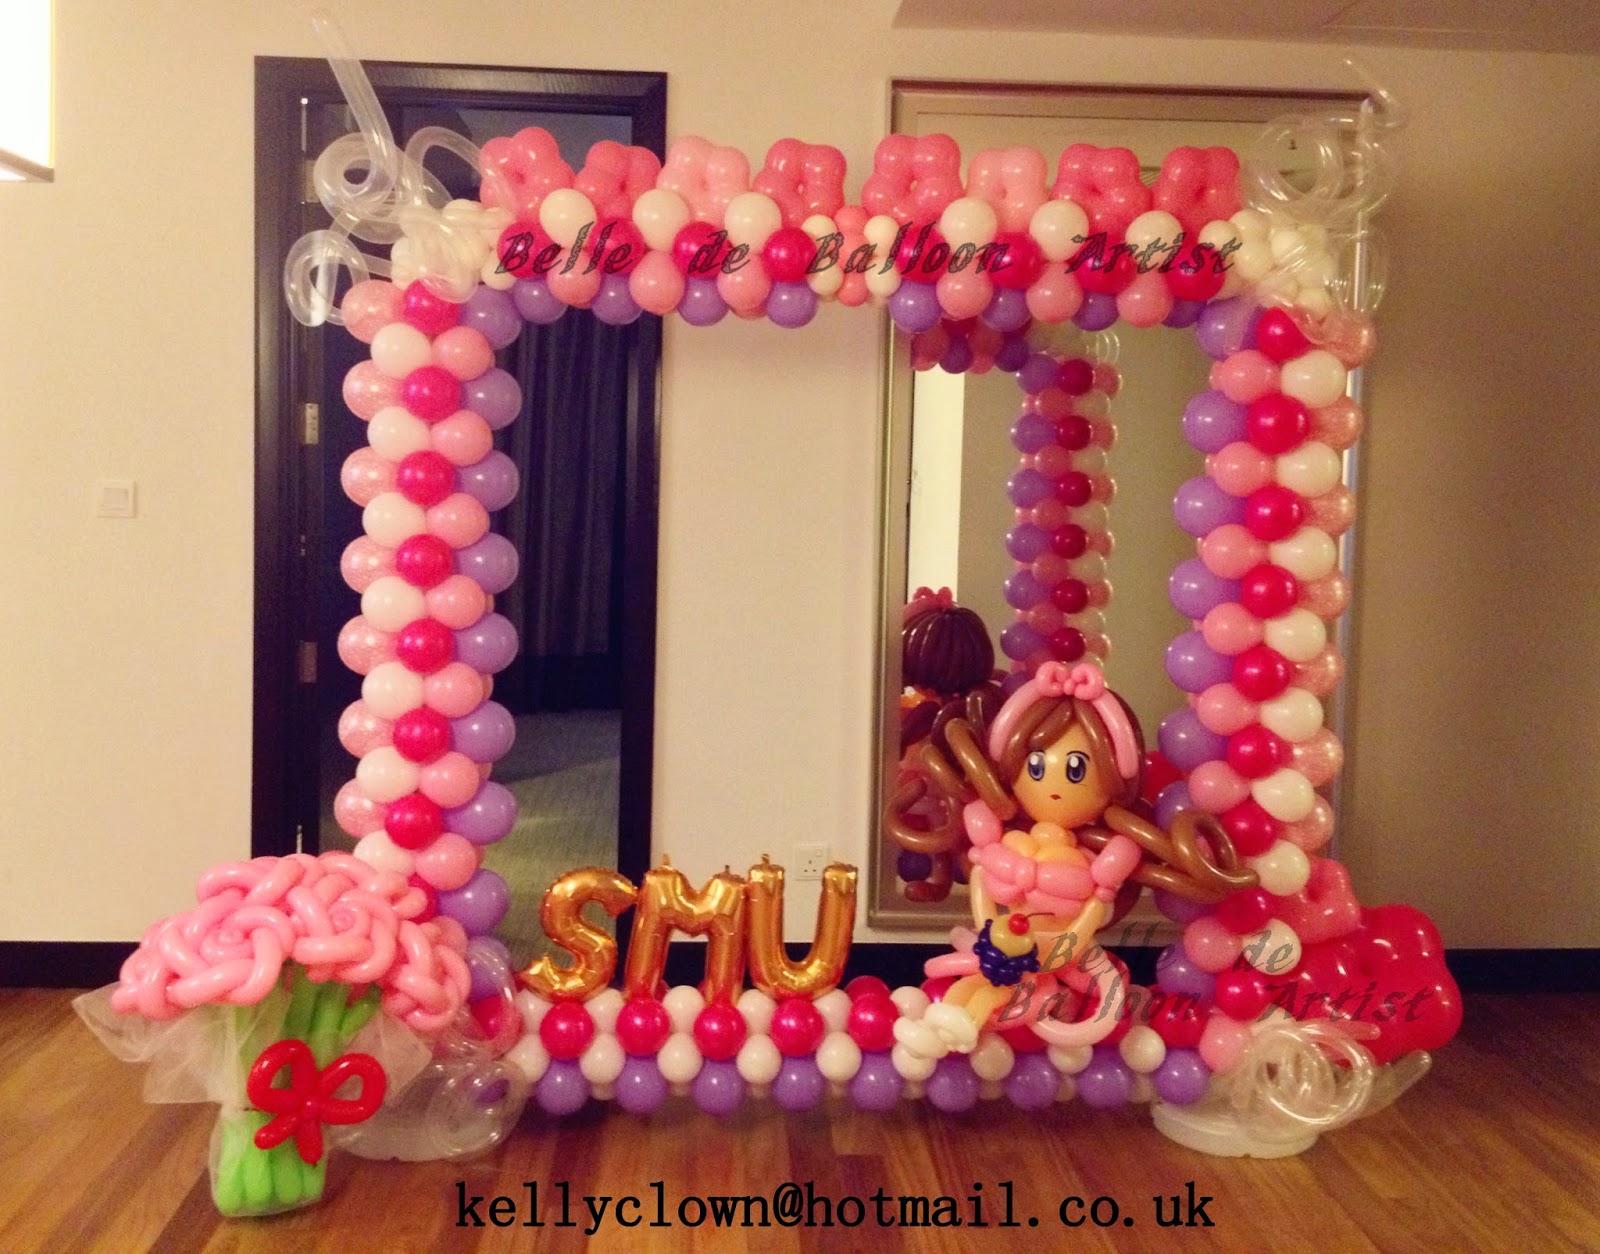 next this is birthday balloon frame for futureman